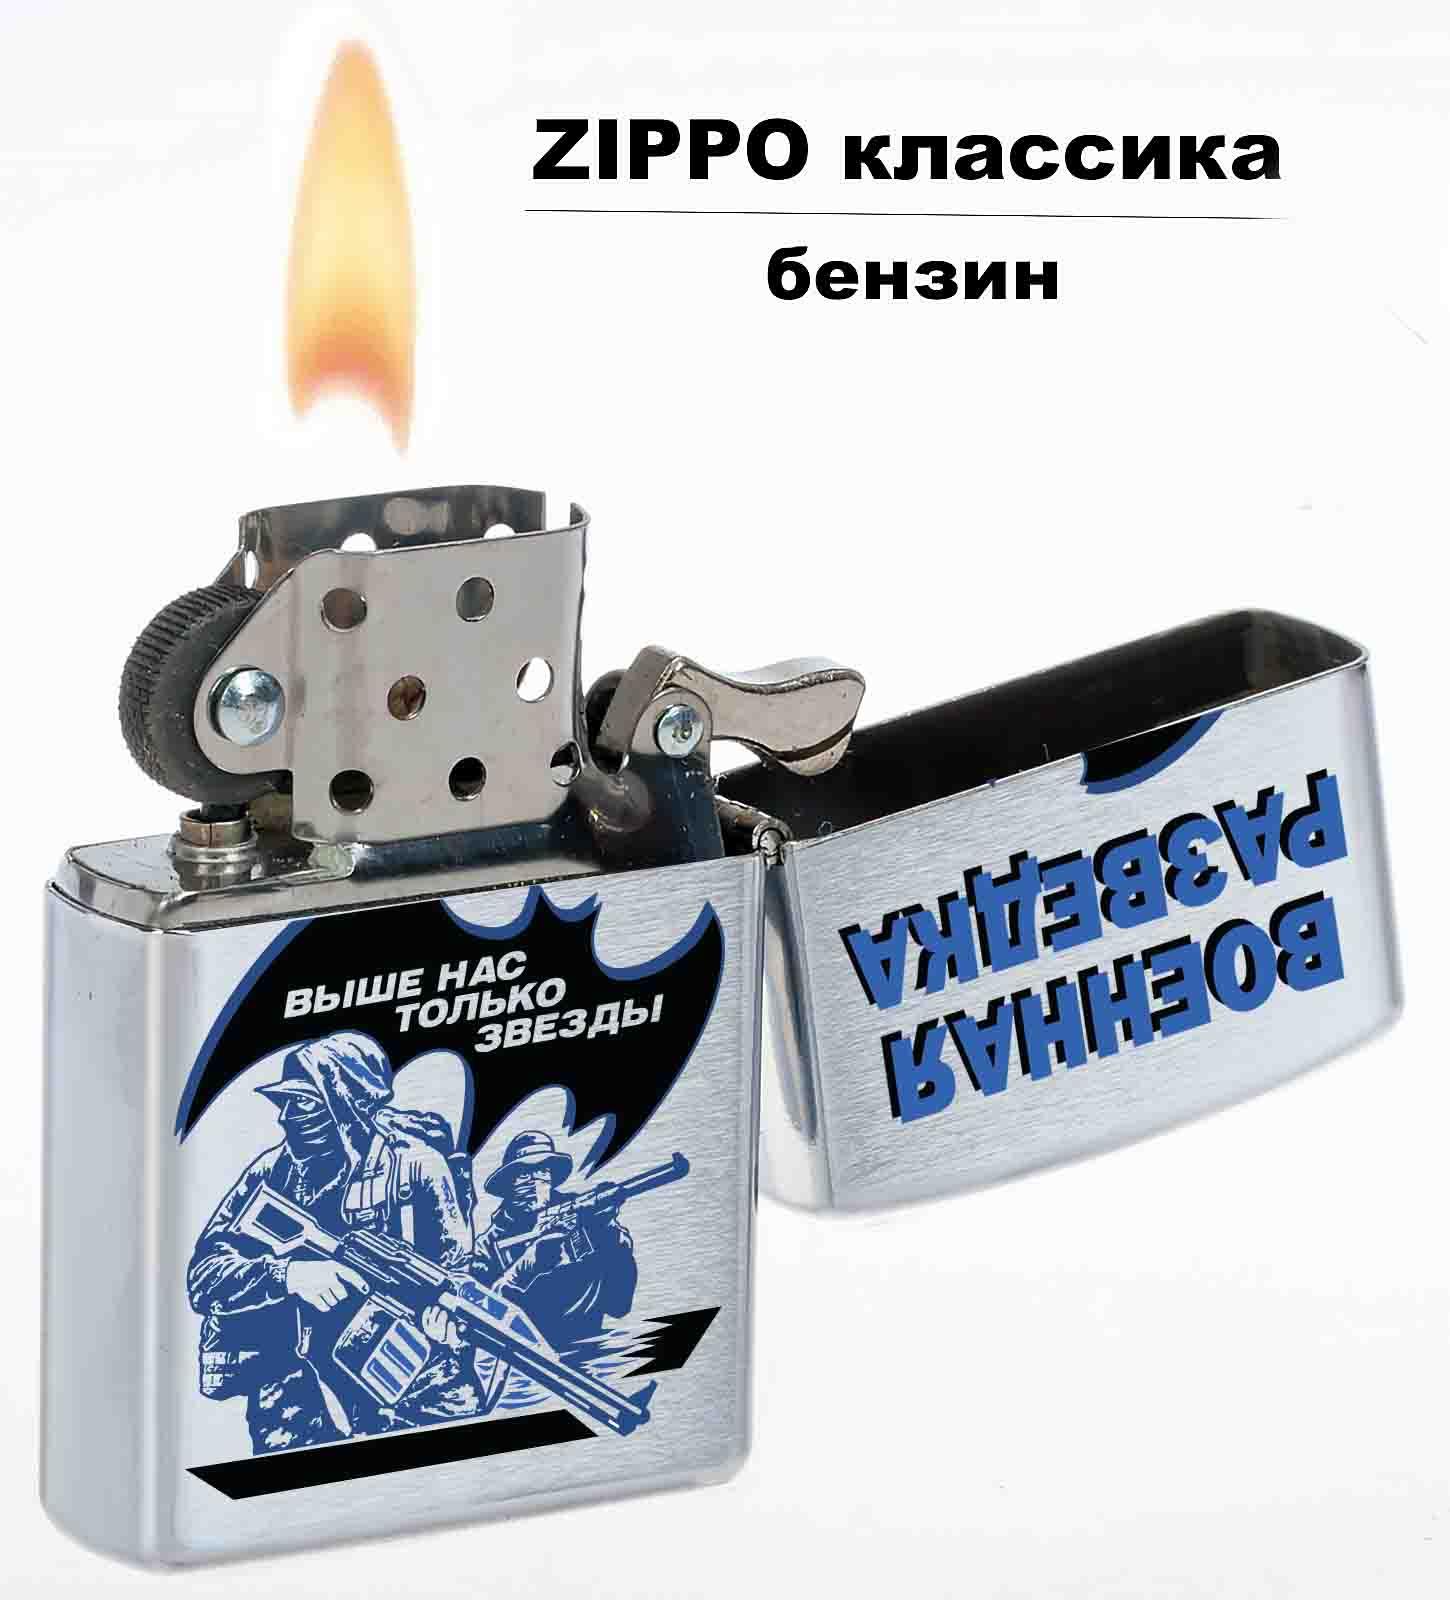 Отменная бензиновая зажигалка Военного разведчика с оригинальным принтом